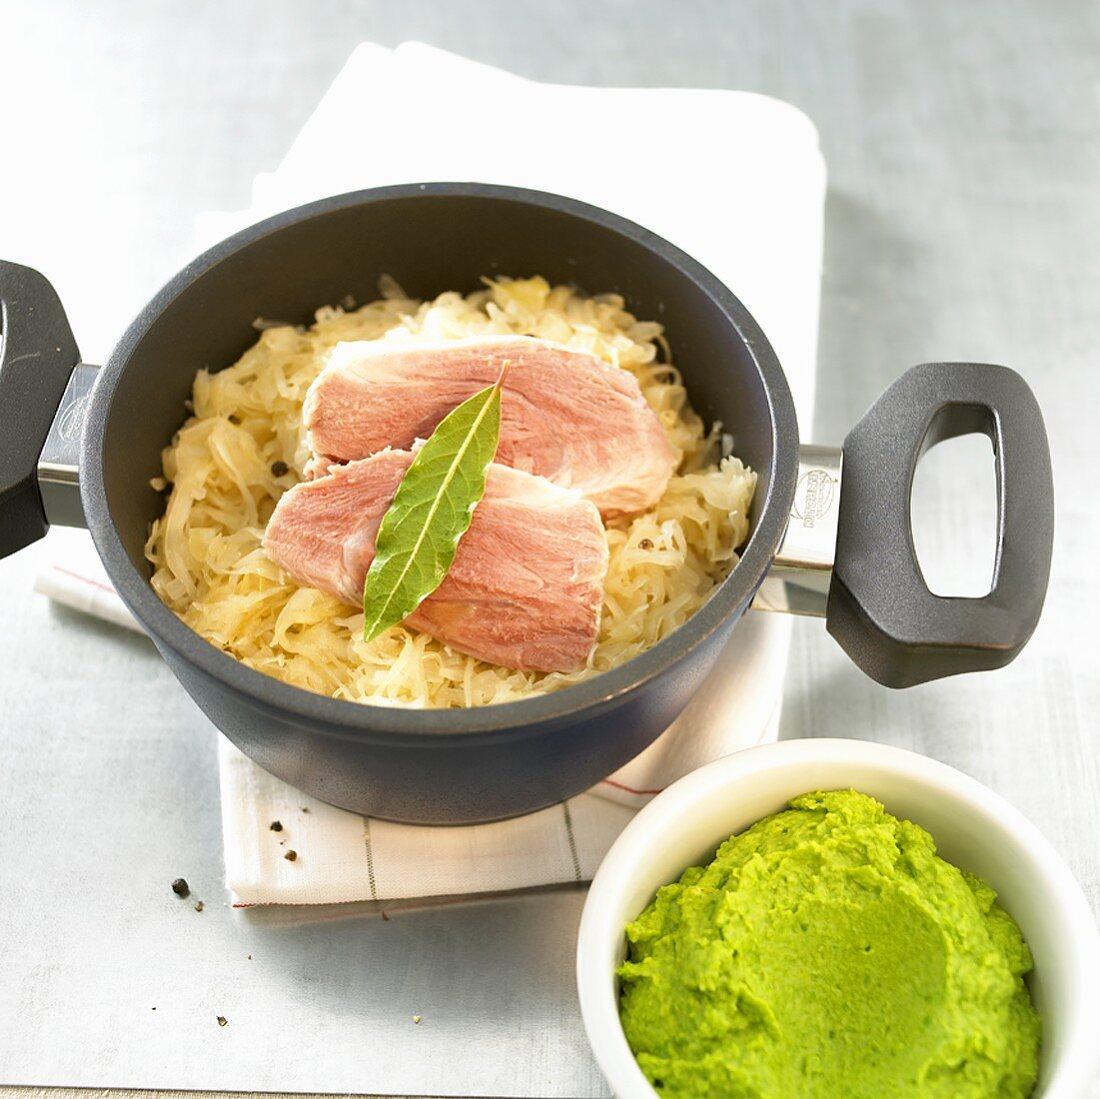 Eisbein (knuckle of pork) on sauerkraut with pea puree